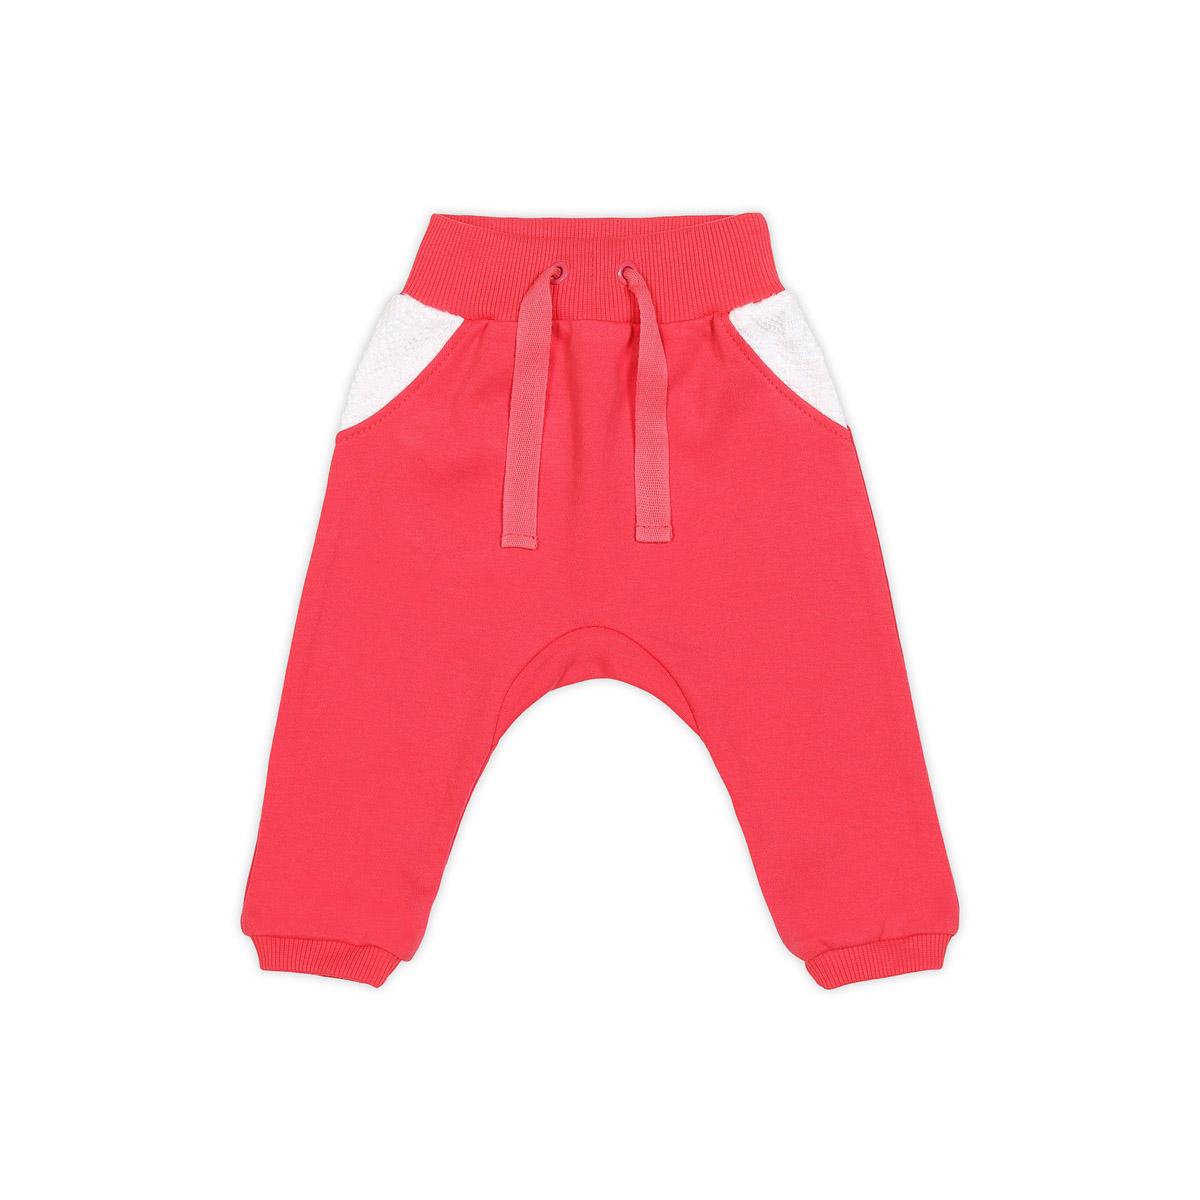 Ползунки без ножек Ёмаё Спорт (26-266) рост 74 ярко-розовый<br>